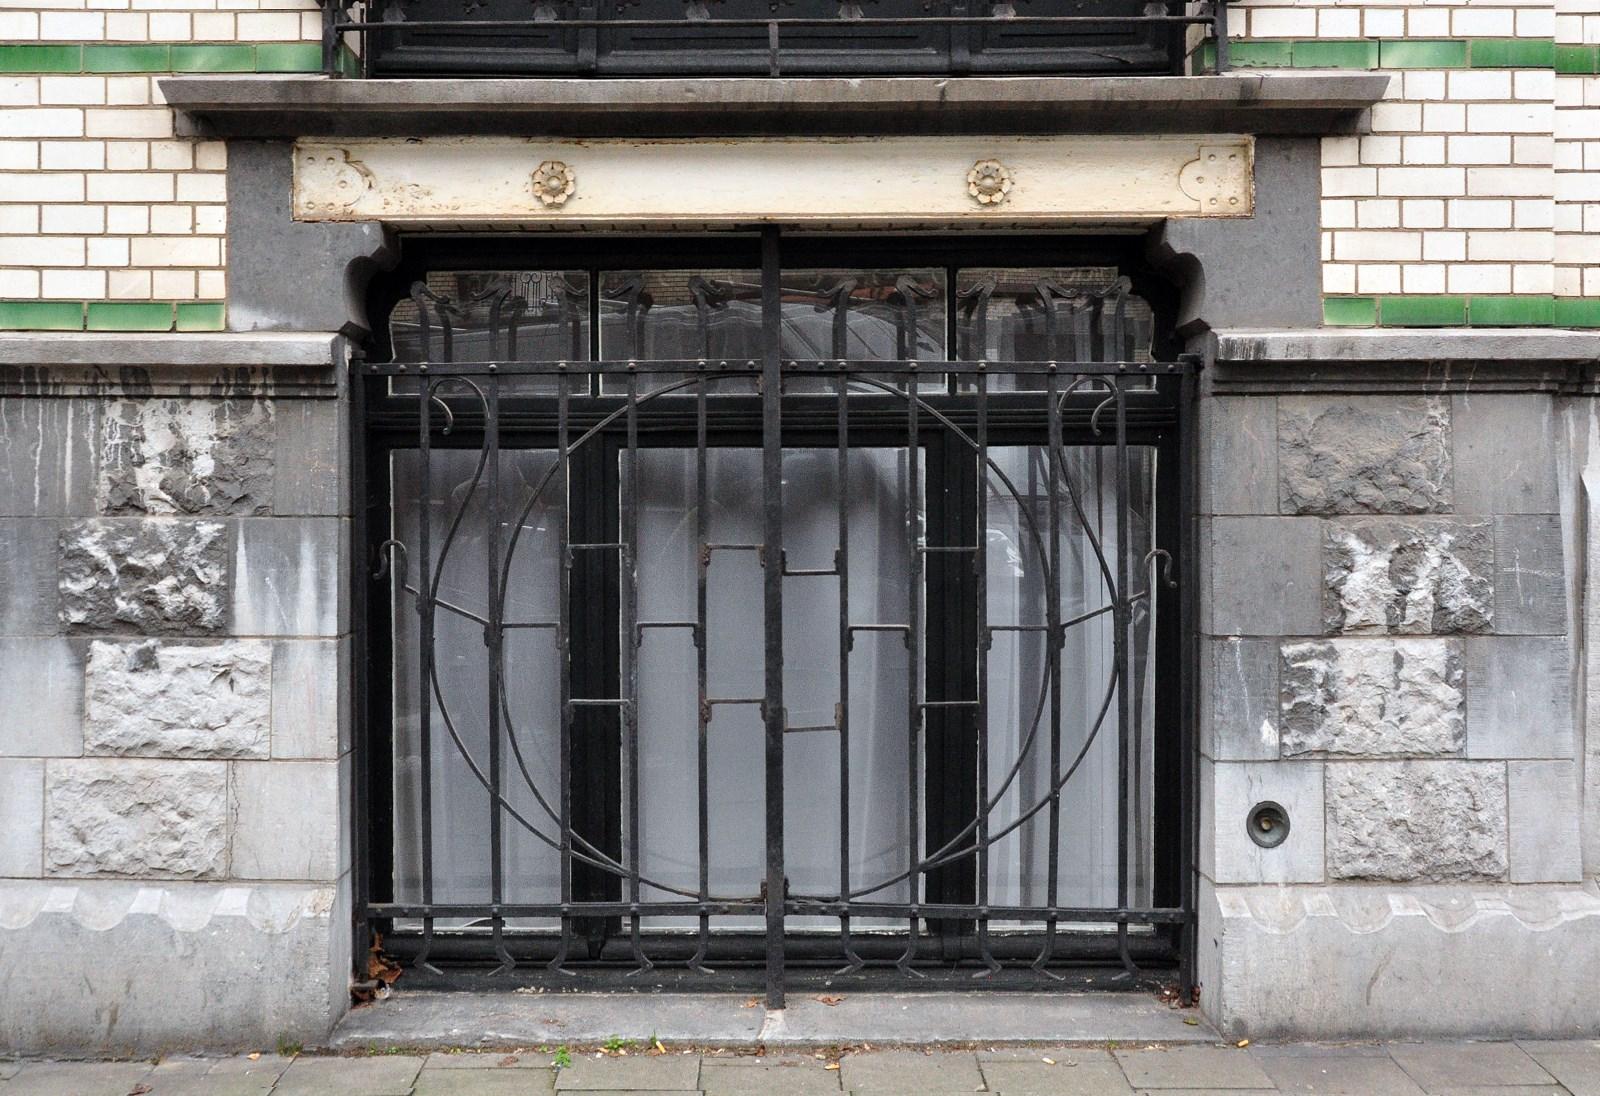 schaerbeek avenue albert giraud 38 collart pierre. Black Bedroom Furniture Sets. Home Design Ideas